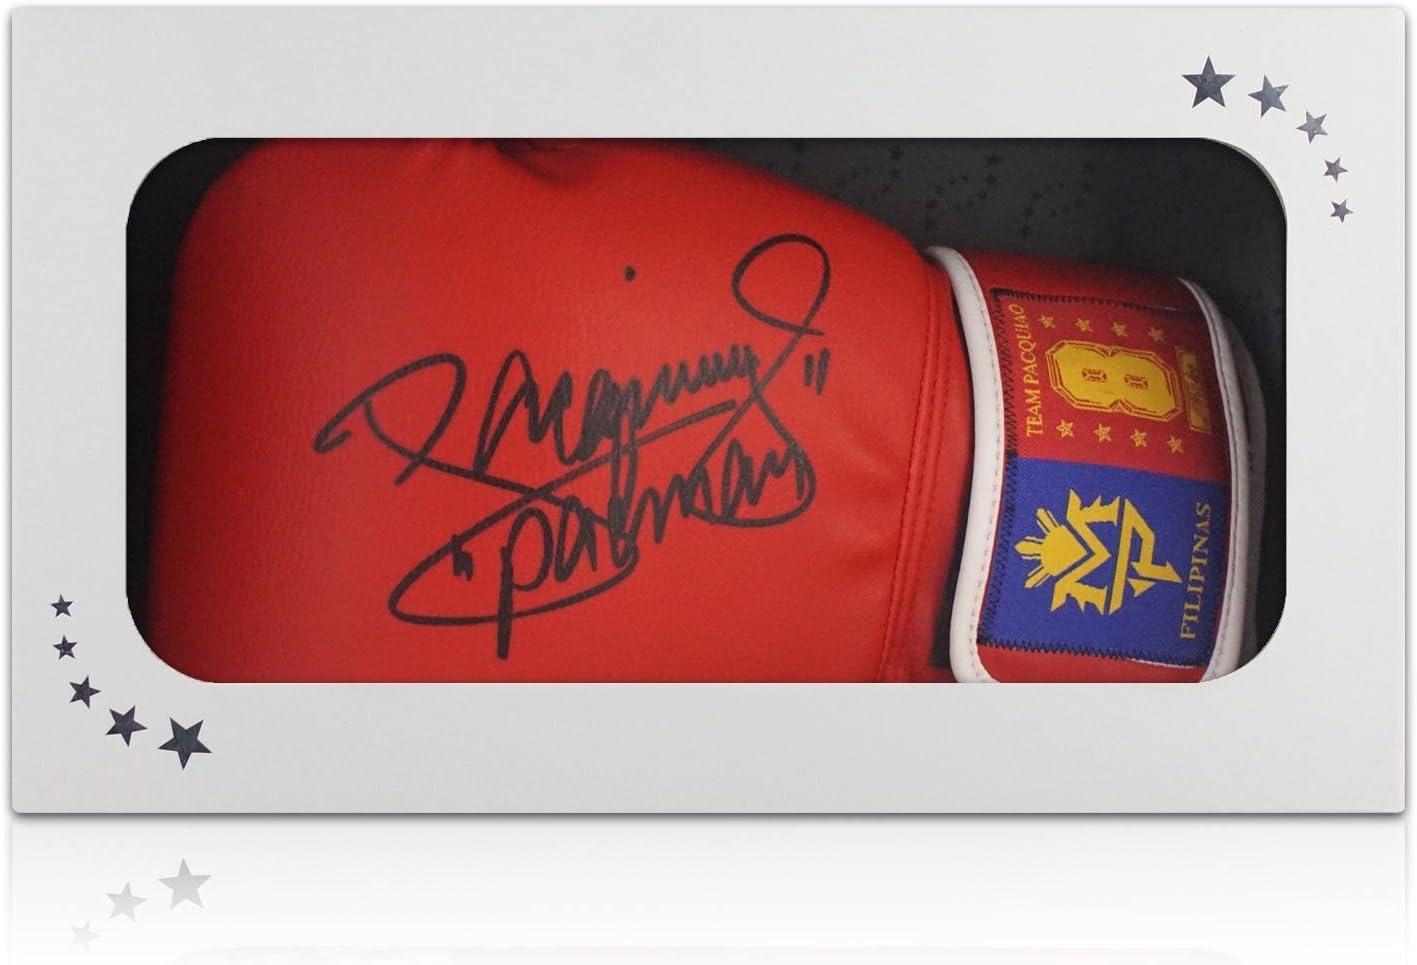 Manny Pacquiao Firmado Red de guantes de boxeo. En caja de regalo: Amazon.es: Deportes y aire libre